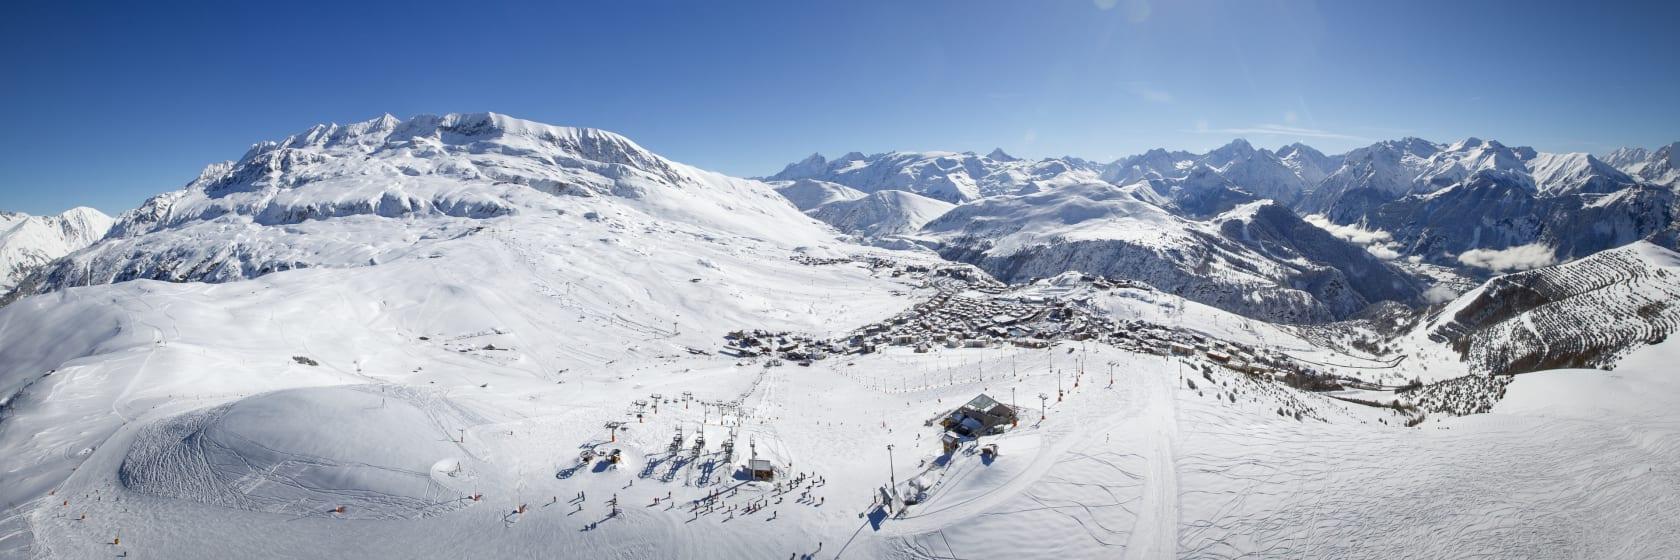 Solskin og blå himmel i skiområdet i Alpe d Huez